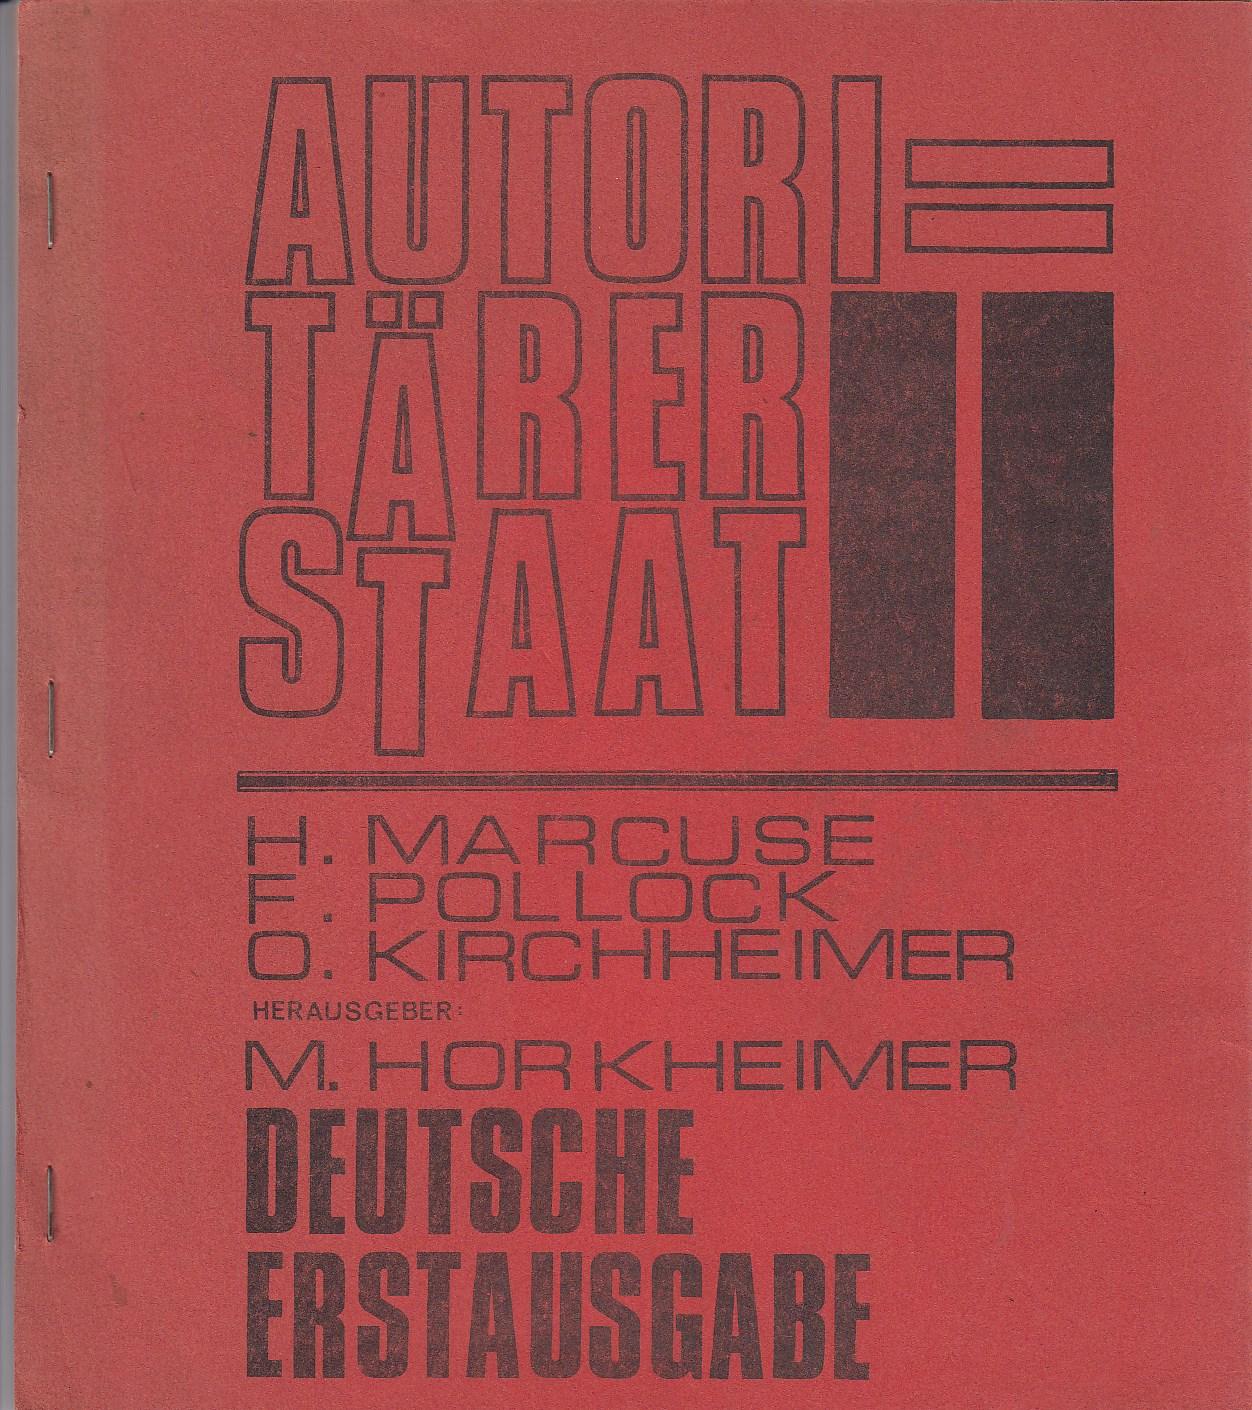 Horkheimer, M. (Max). Herausgeber. Autoritärer Staat II. H.Marcuse, F.Pollock, O.Kirchheimer. Deutsche Erstausgabe.